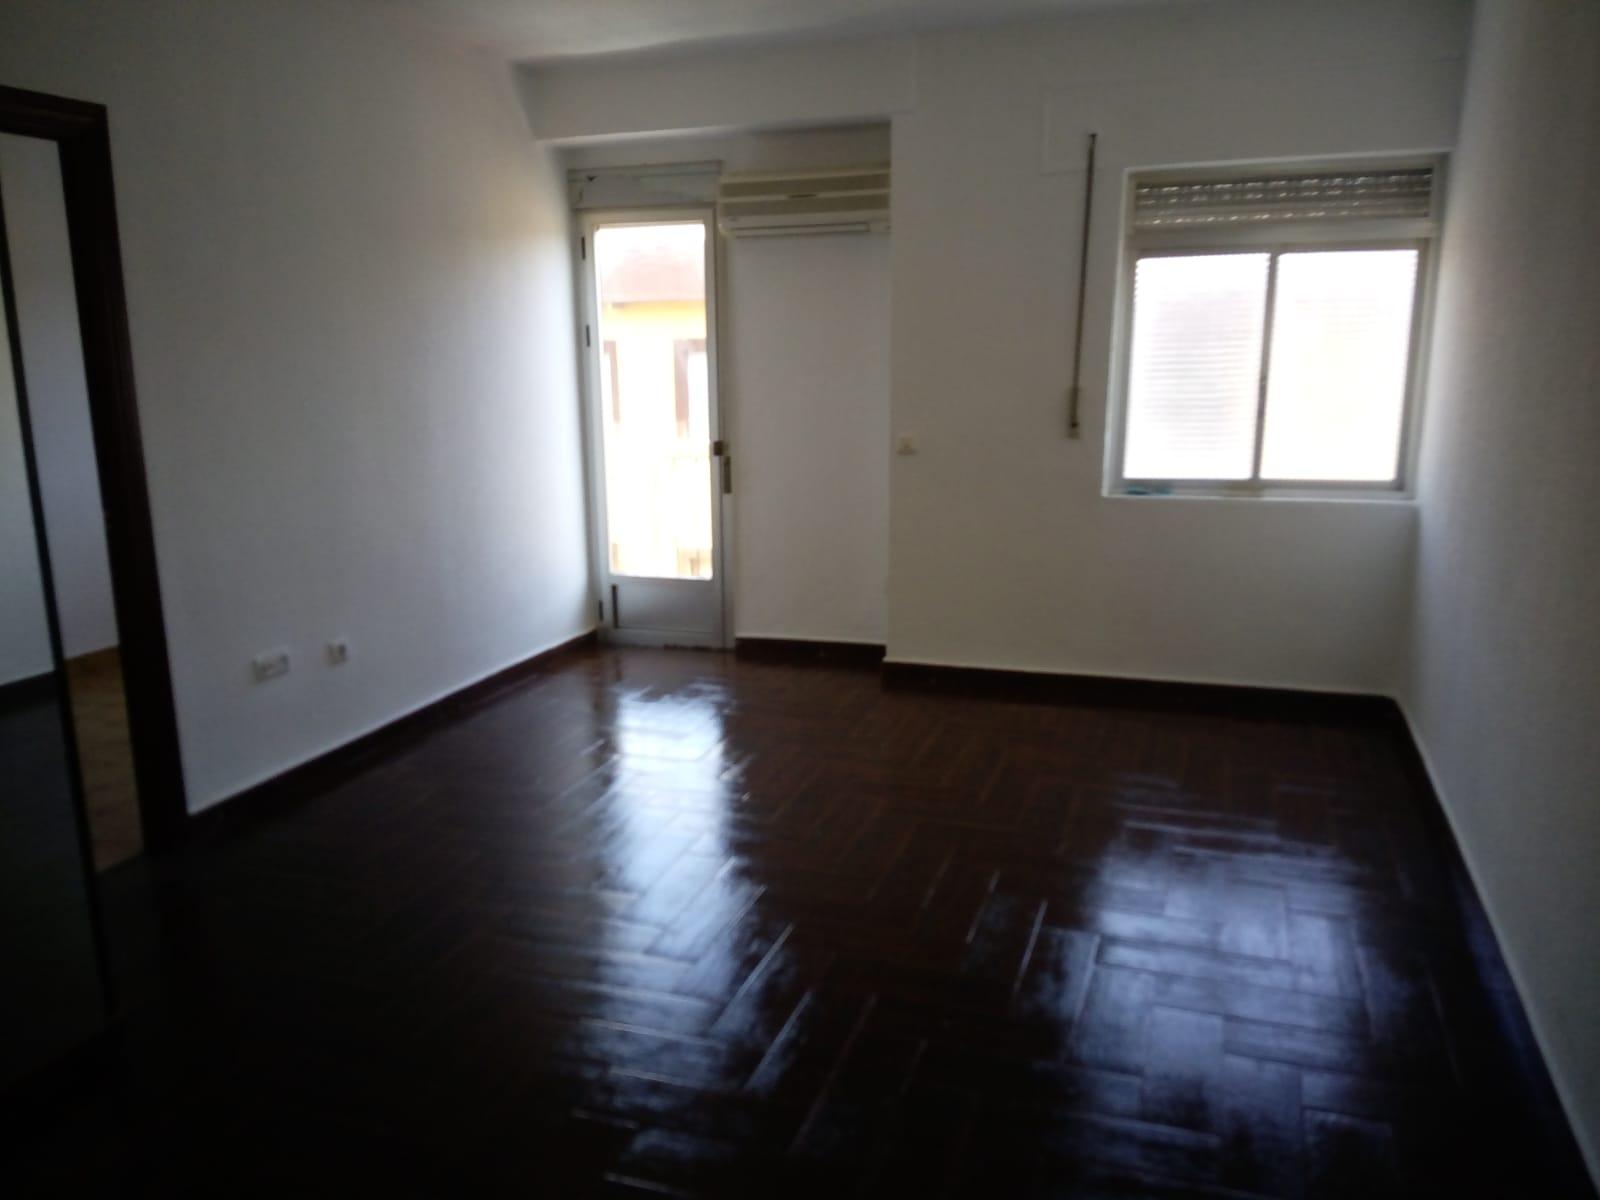 Piso en venta en Plasencia, Cáceres, Calle Pedro Diez Garcia, 31.000 €, 2 habitaciones, 1 baño, 67 m2